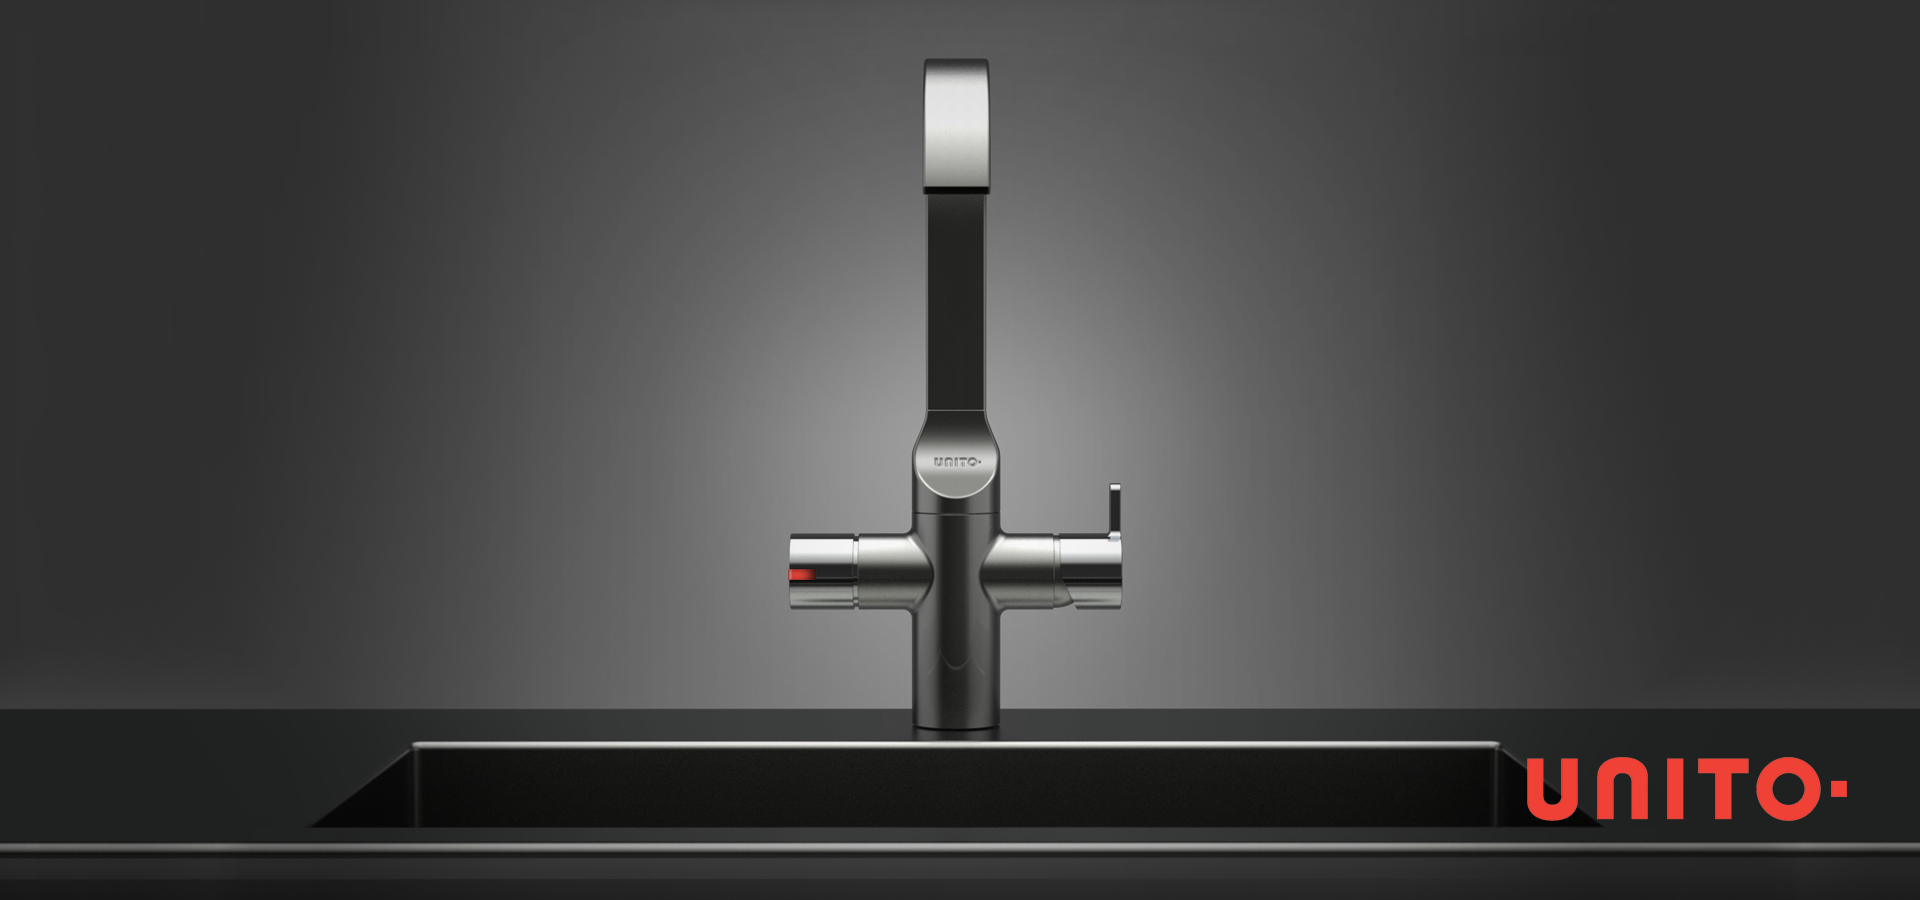 waacs_unito_smart faucet